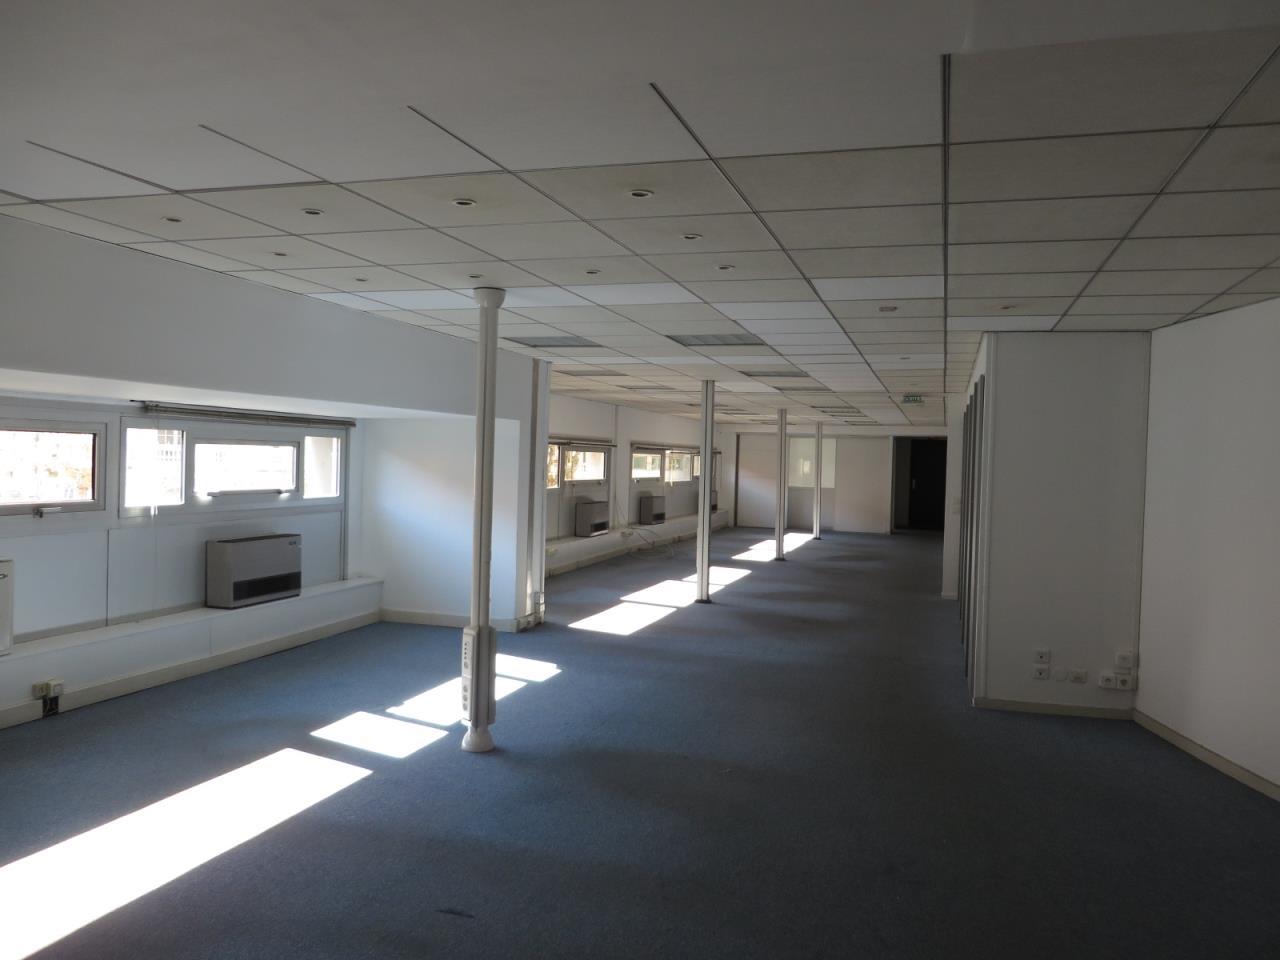 Location bureau nice m² u bureauxlocaux